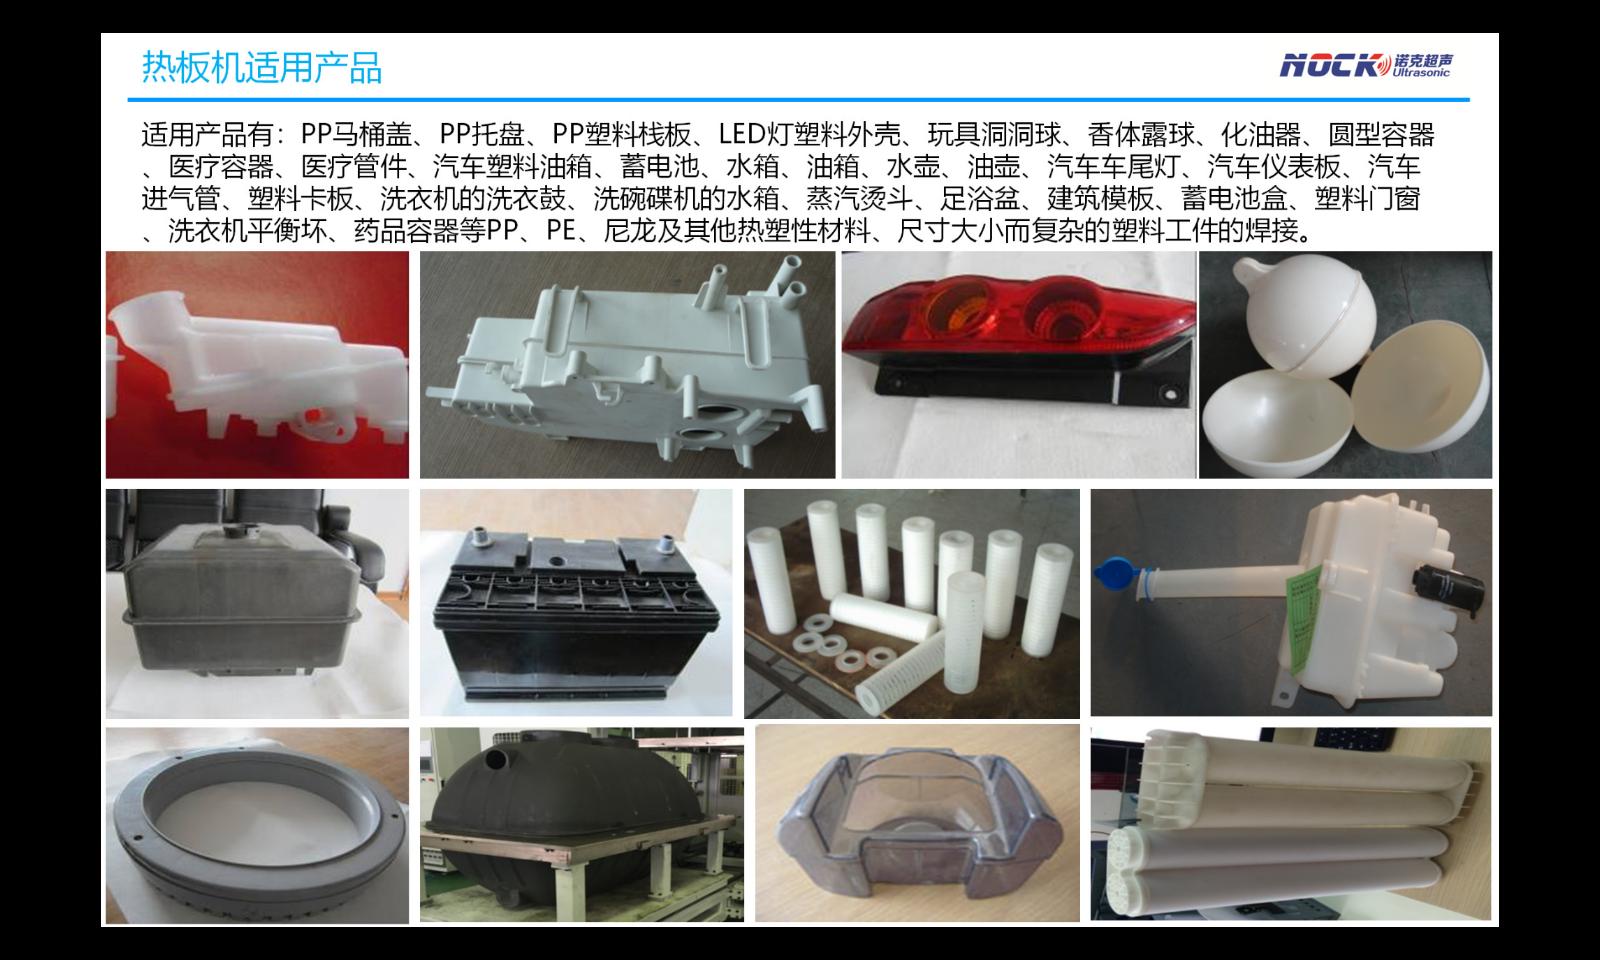 昆明熱鉚機焊接的材料